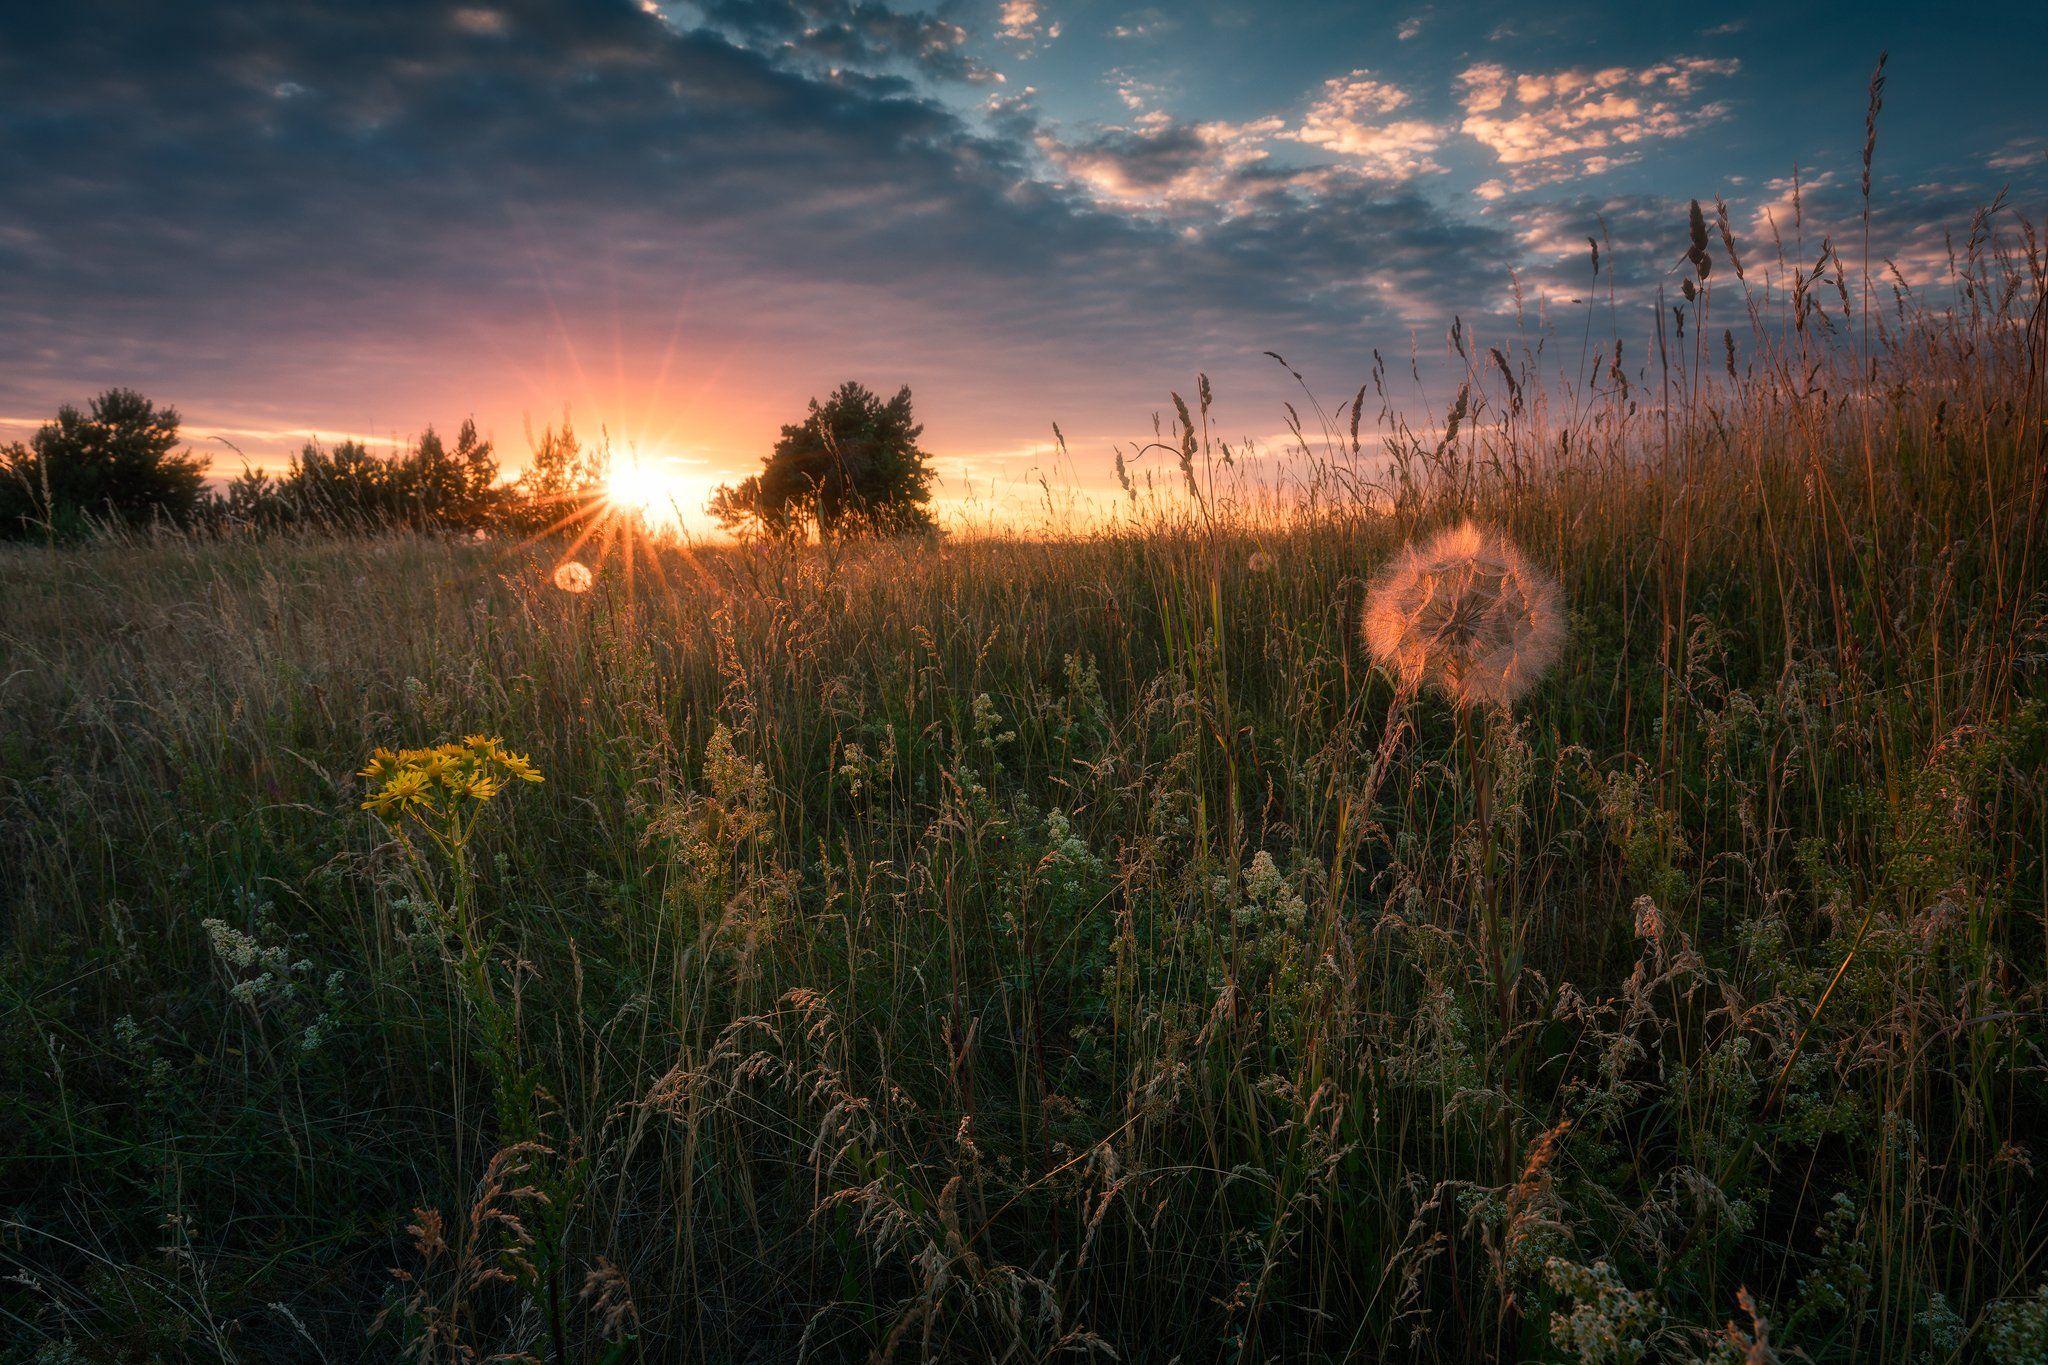 meadow spring wildflowers flowers sunset sky clouds colors mood poland podlasie, Maciej Warchoł